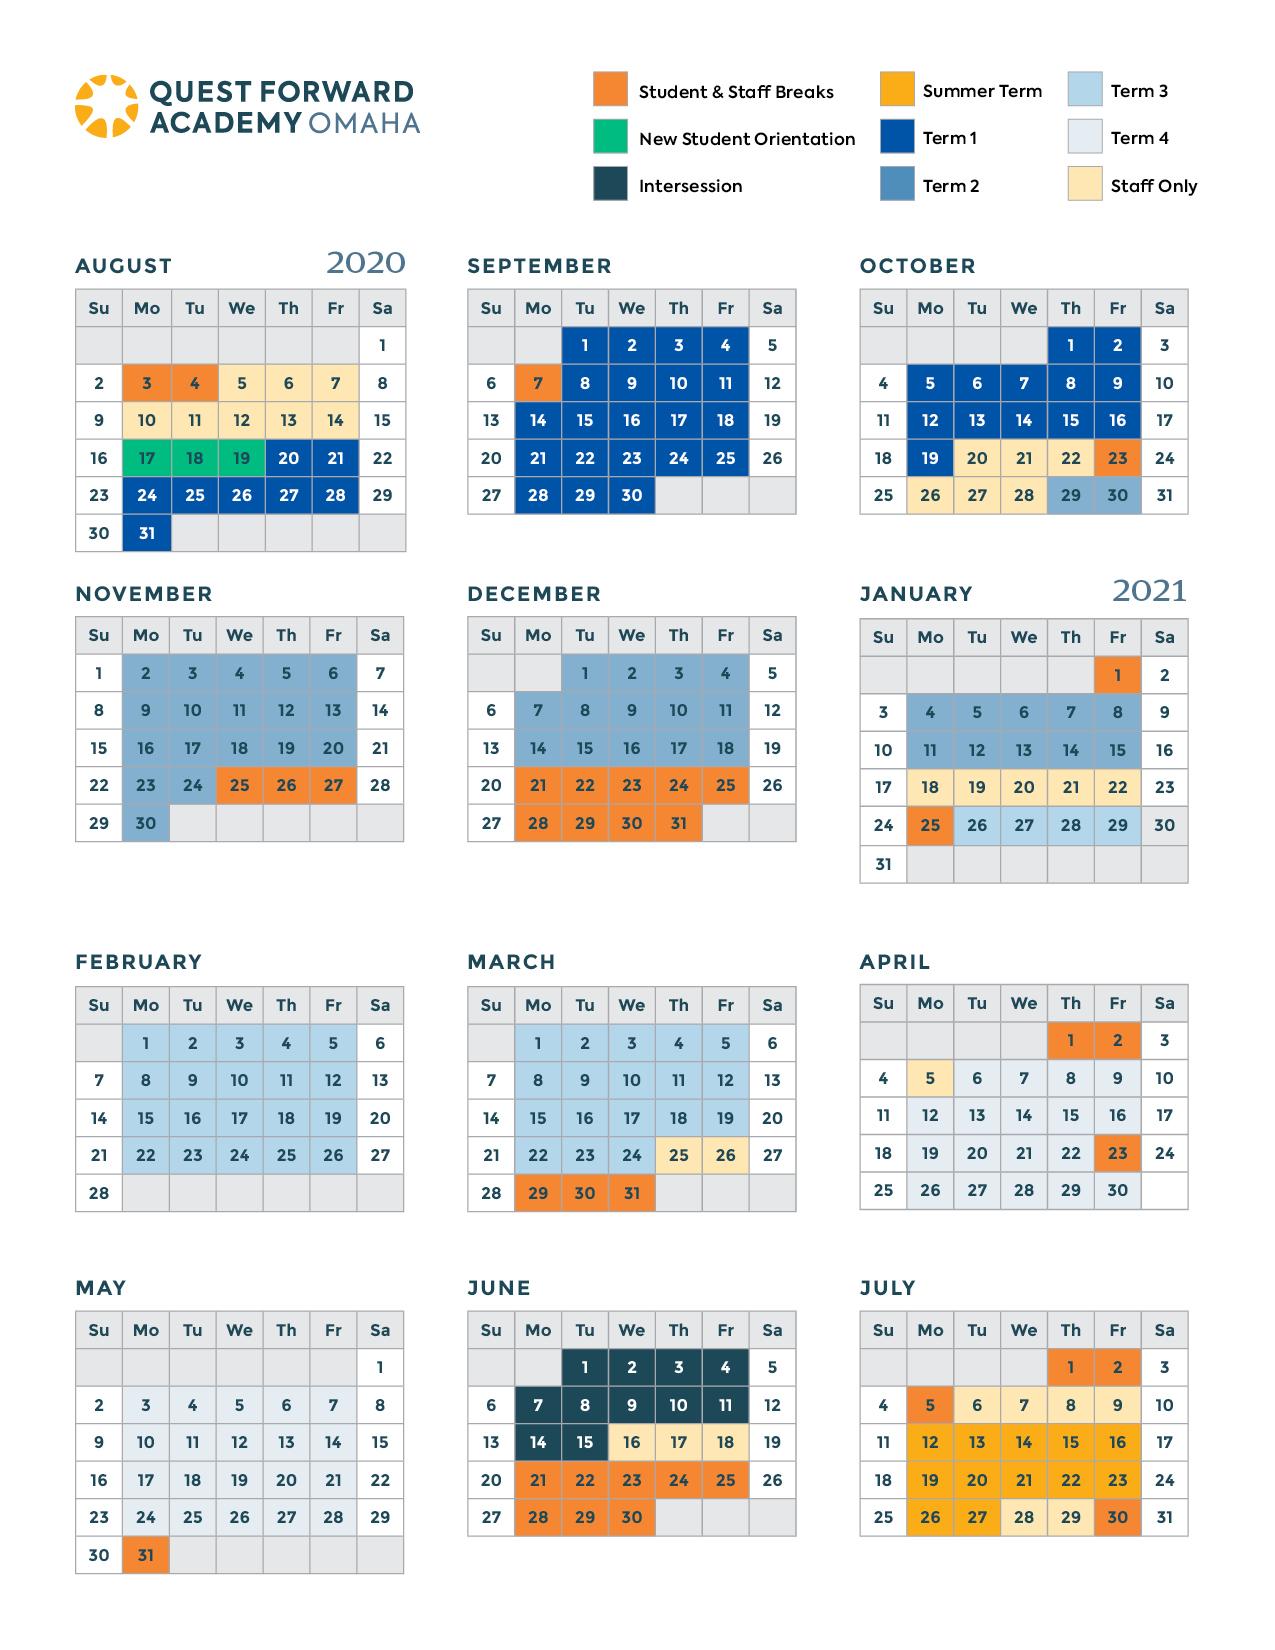 The academic calendar for Quest Forward Academy Omaha, 2020-2021